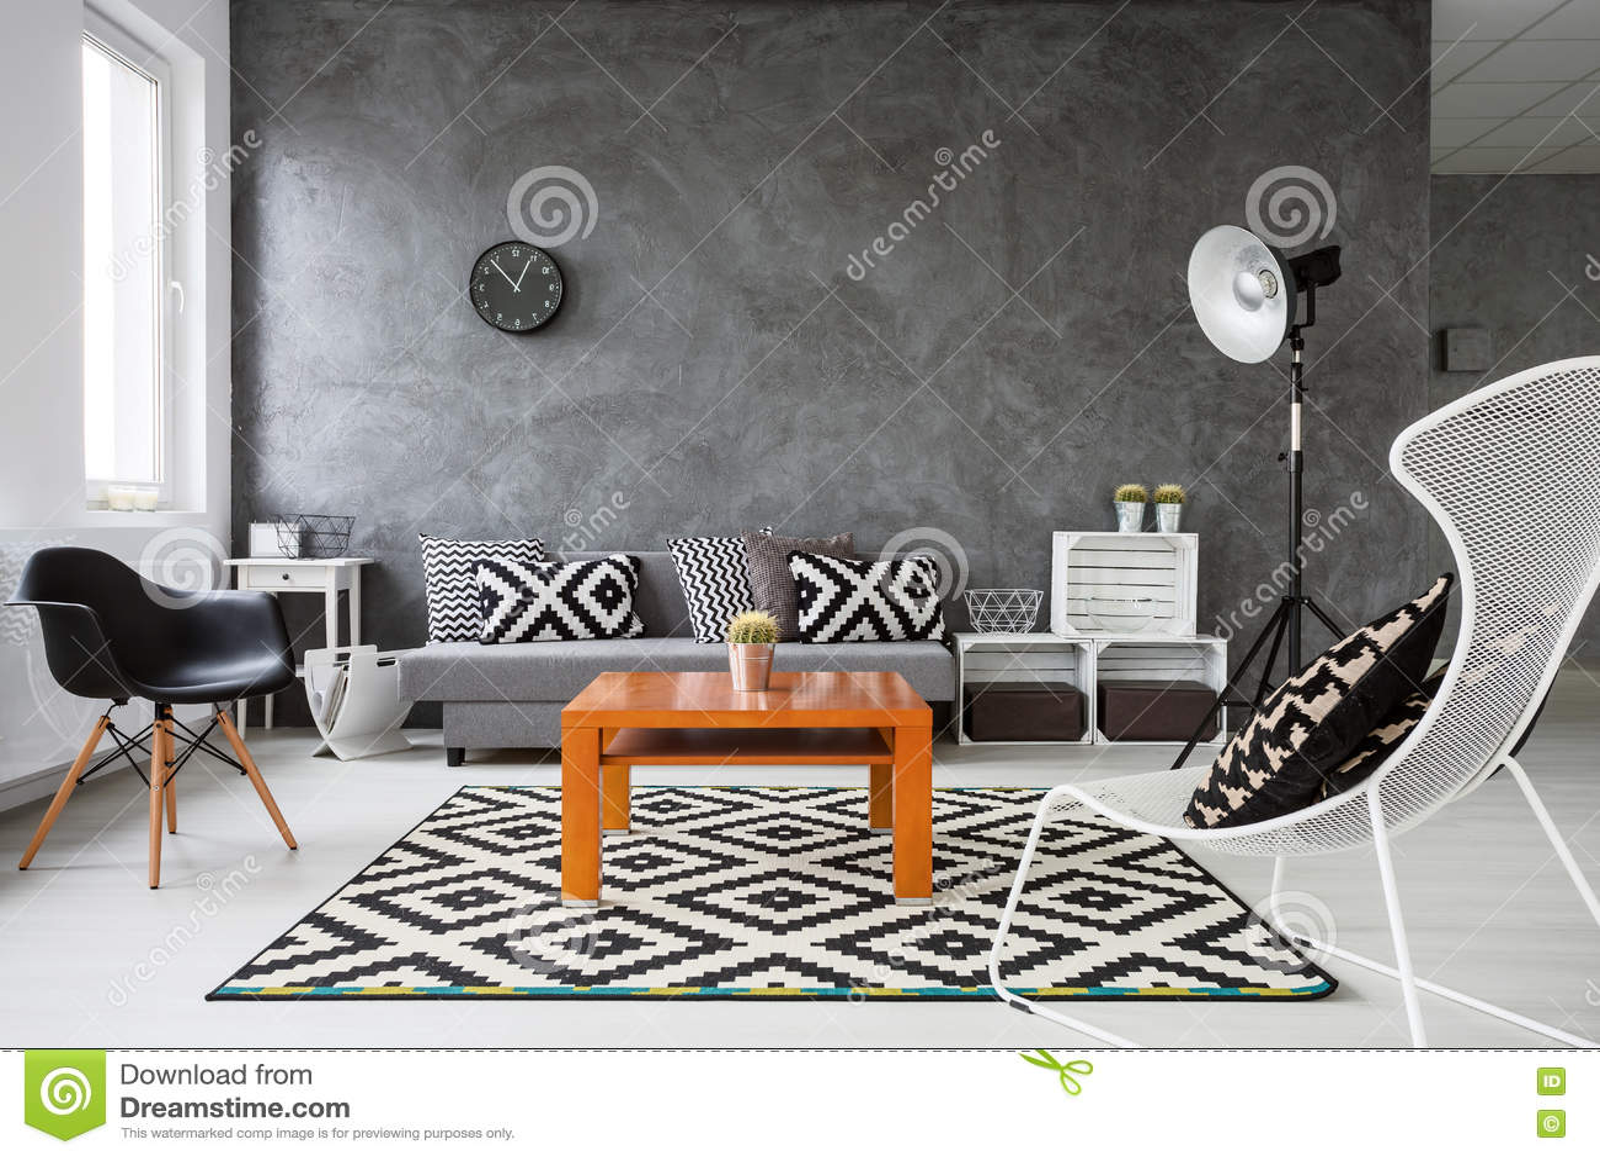 Spiel Von Farben Im Wohnzimmer Stockfoto - Bild von dekoration ...